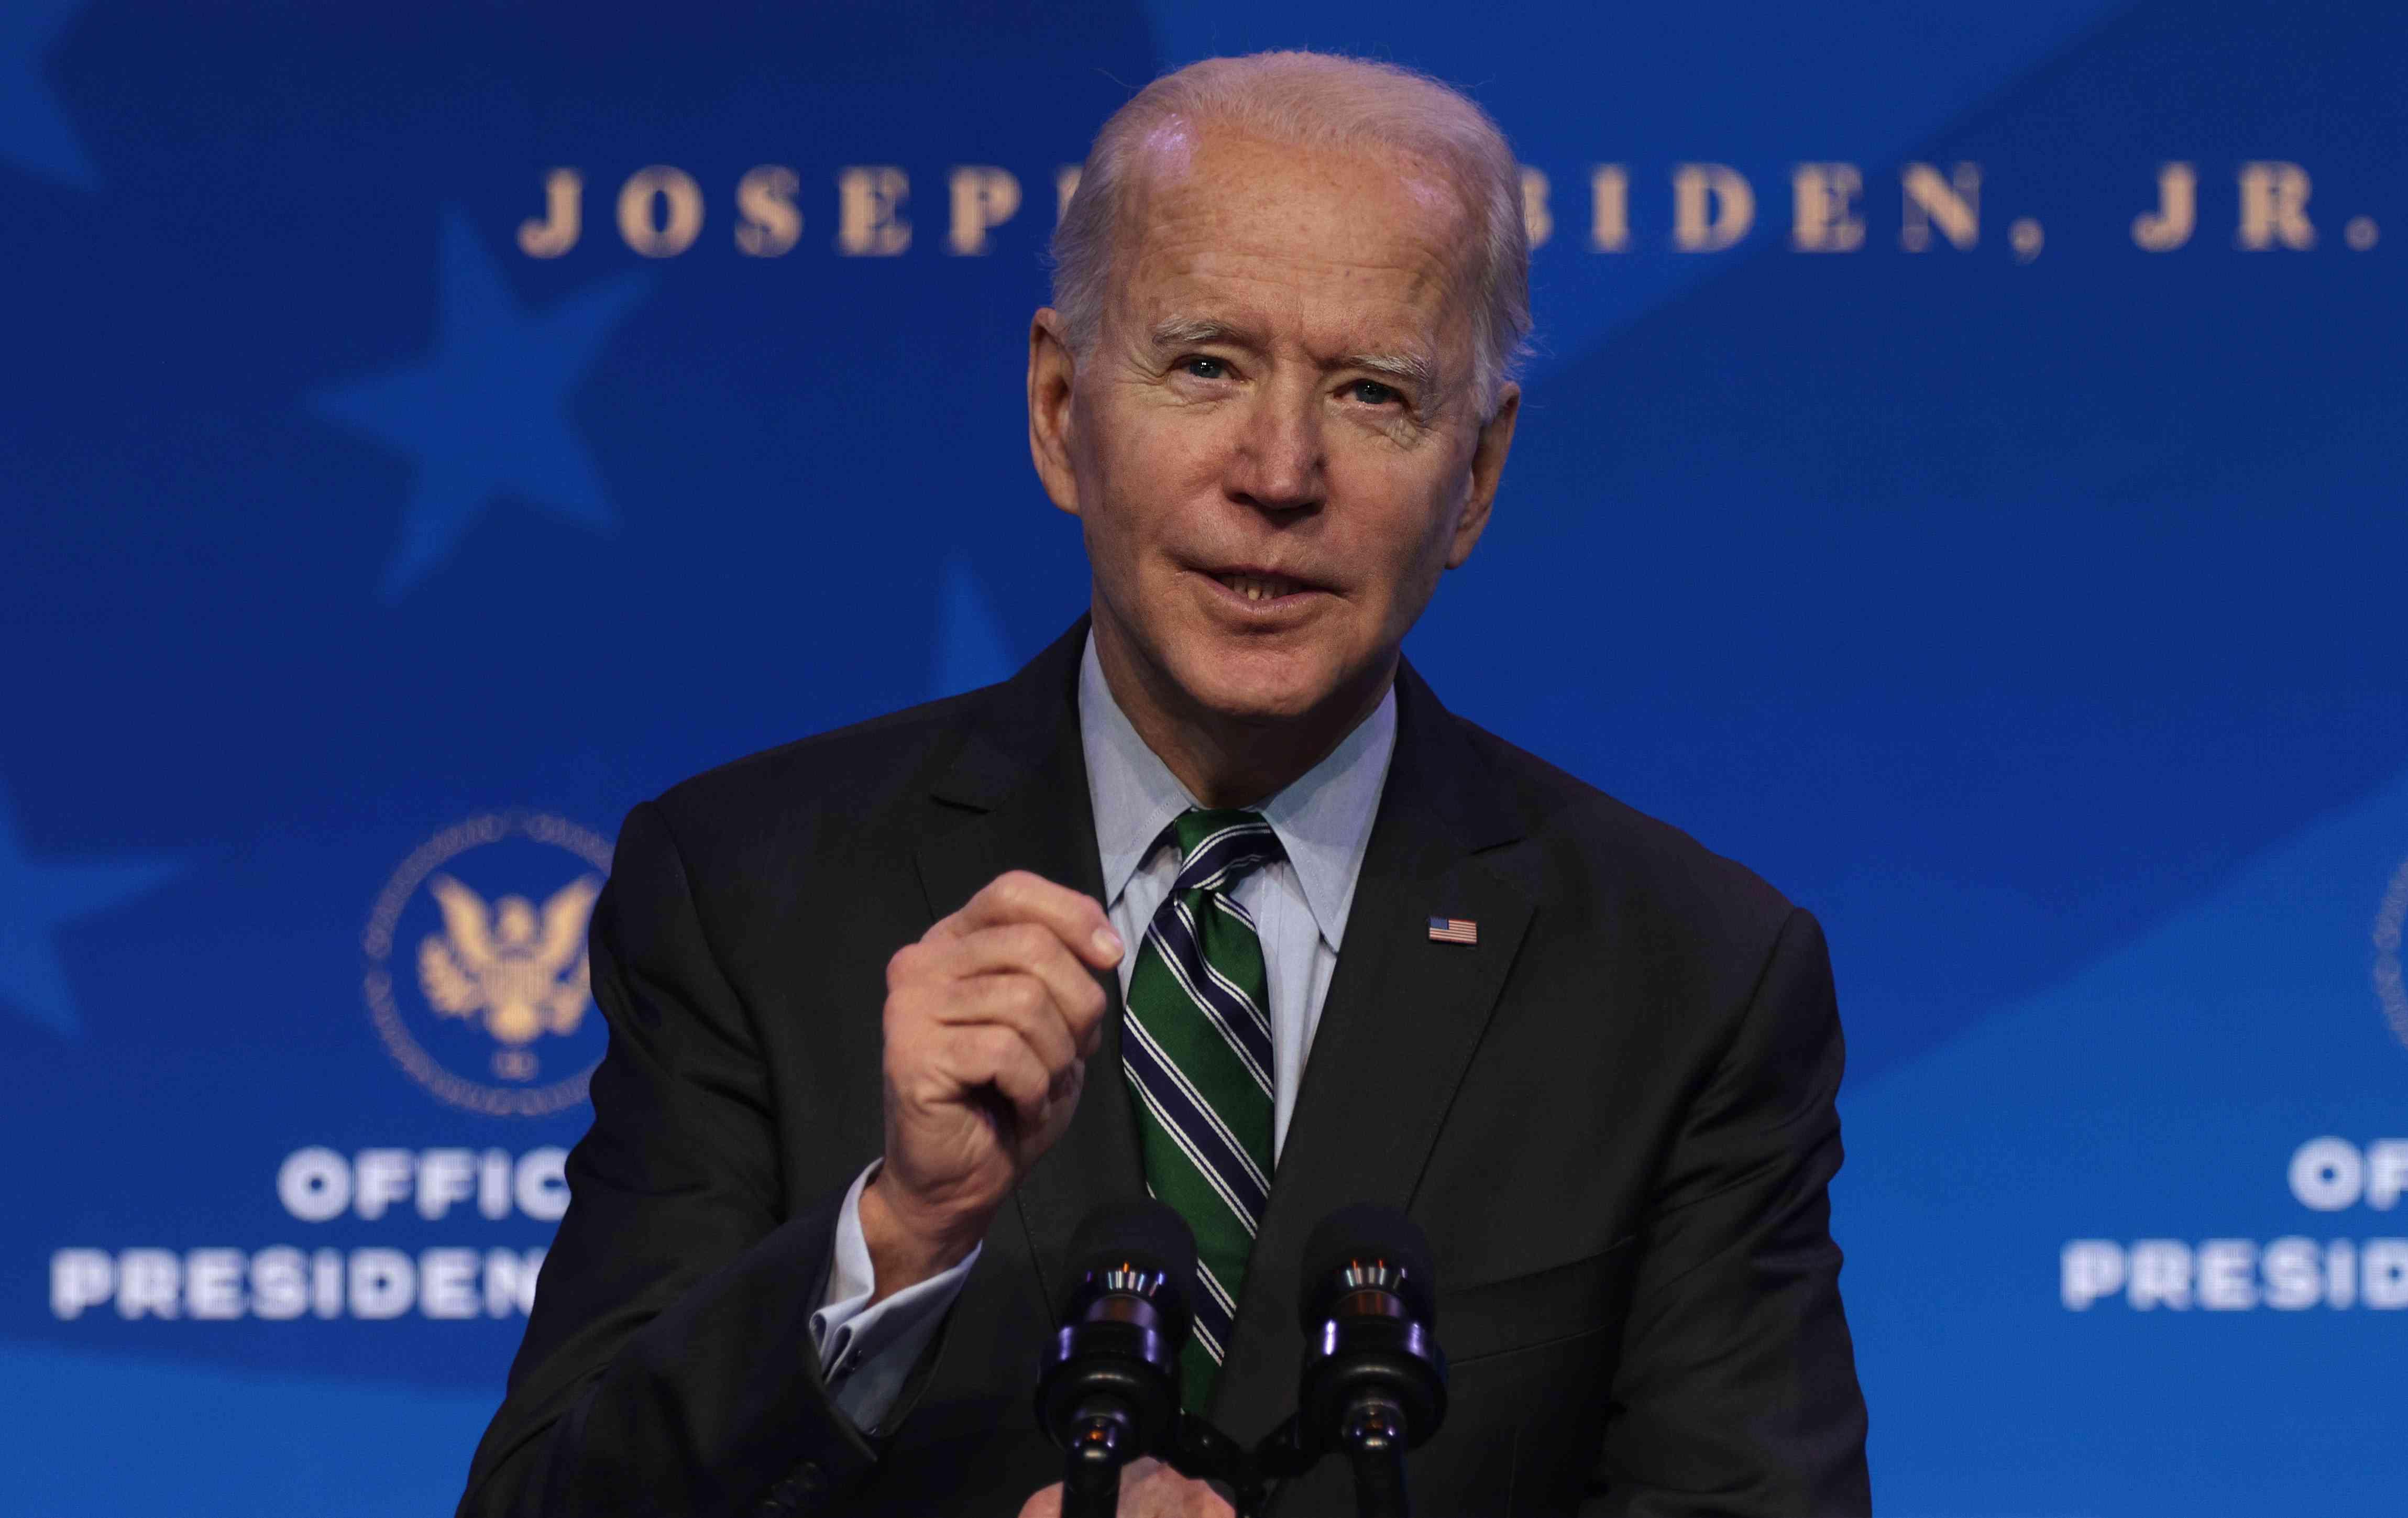 Joe Biden speaks behind a microphone